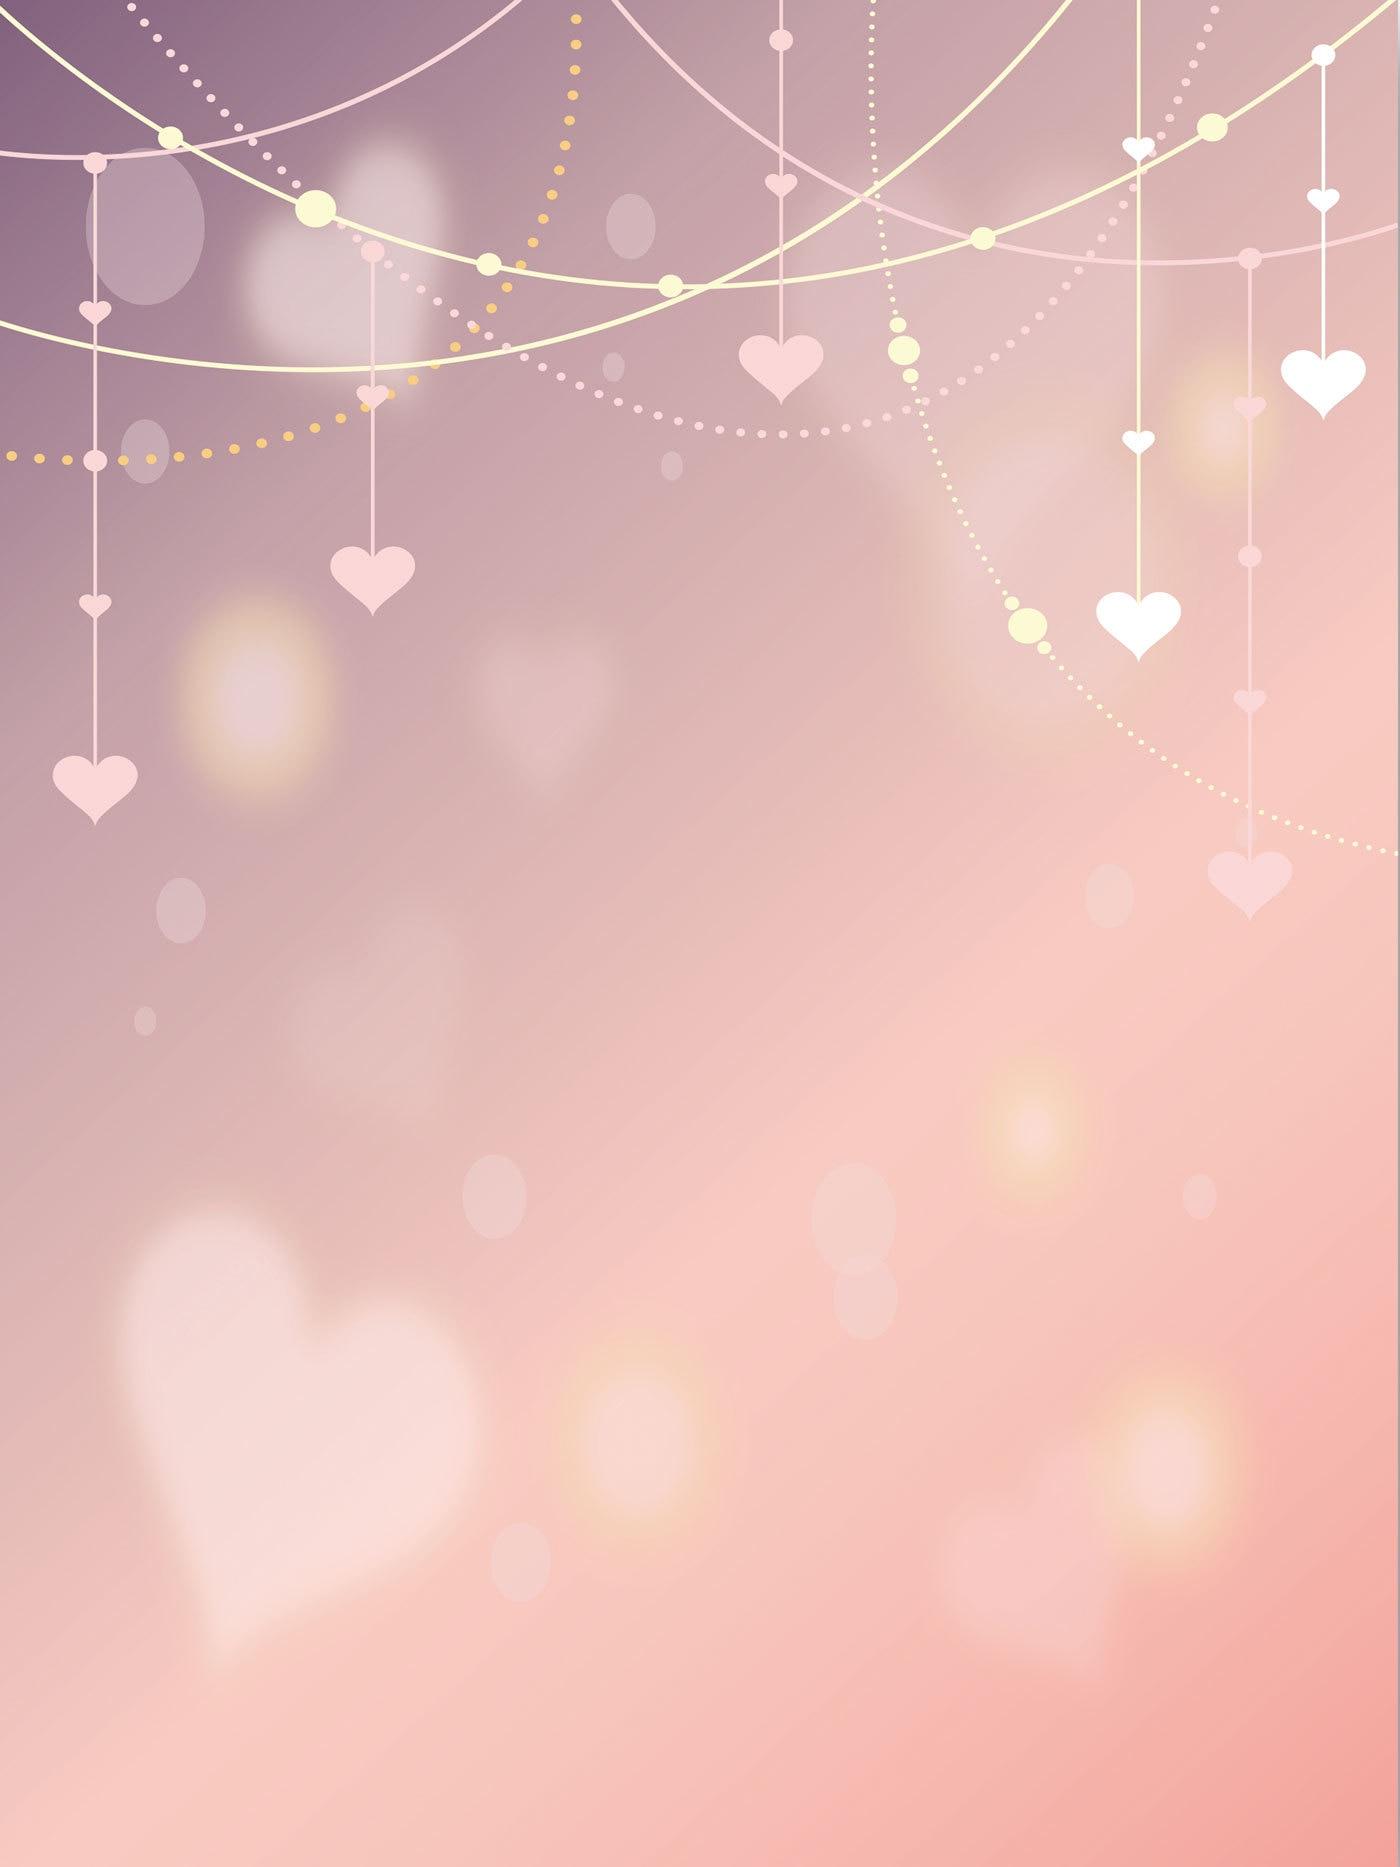 생명의 매직 박스 심장 150x200cm 사용자 정의 사진 배경 사진 배경 화면 J02798